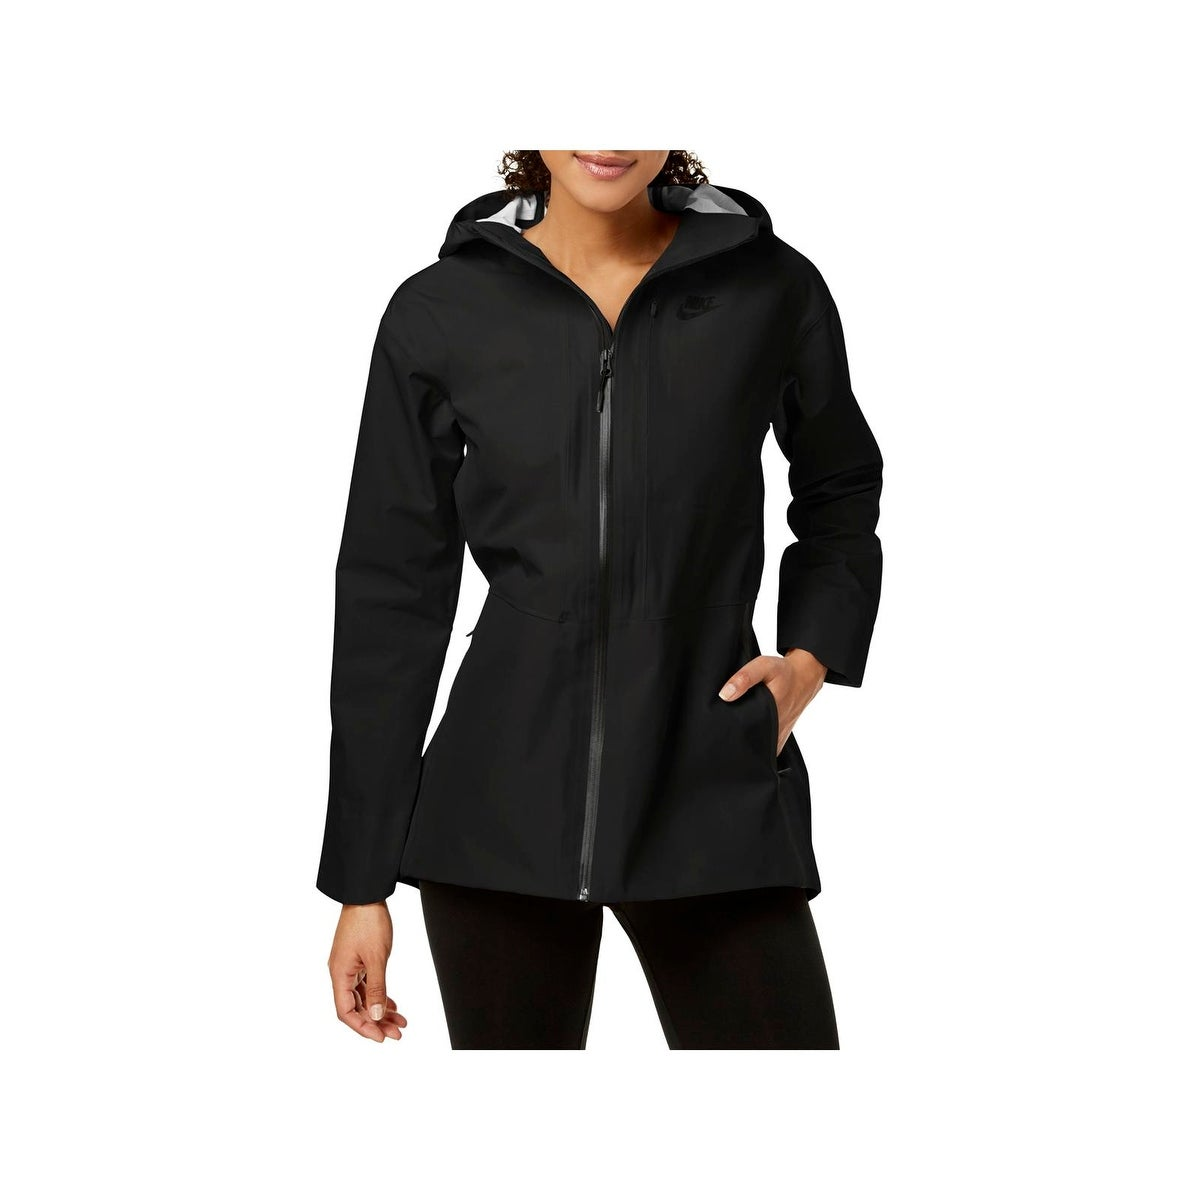 9f9e7181de62 Shop Nike Womens Raincoat Winter Warm - Free Shipping Today ...